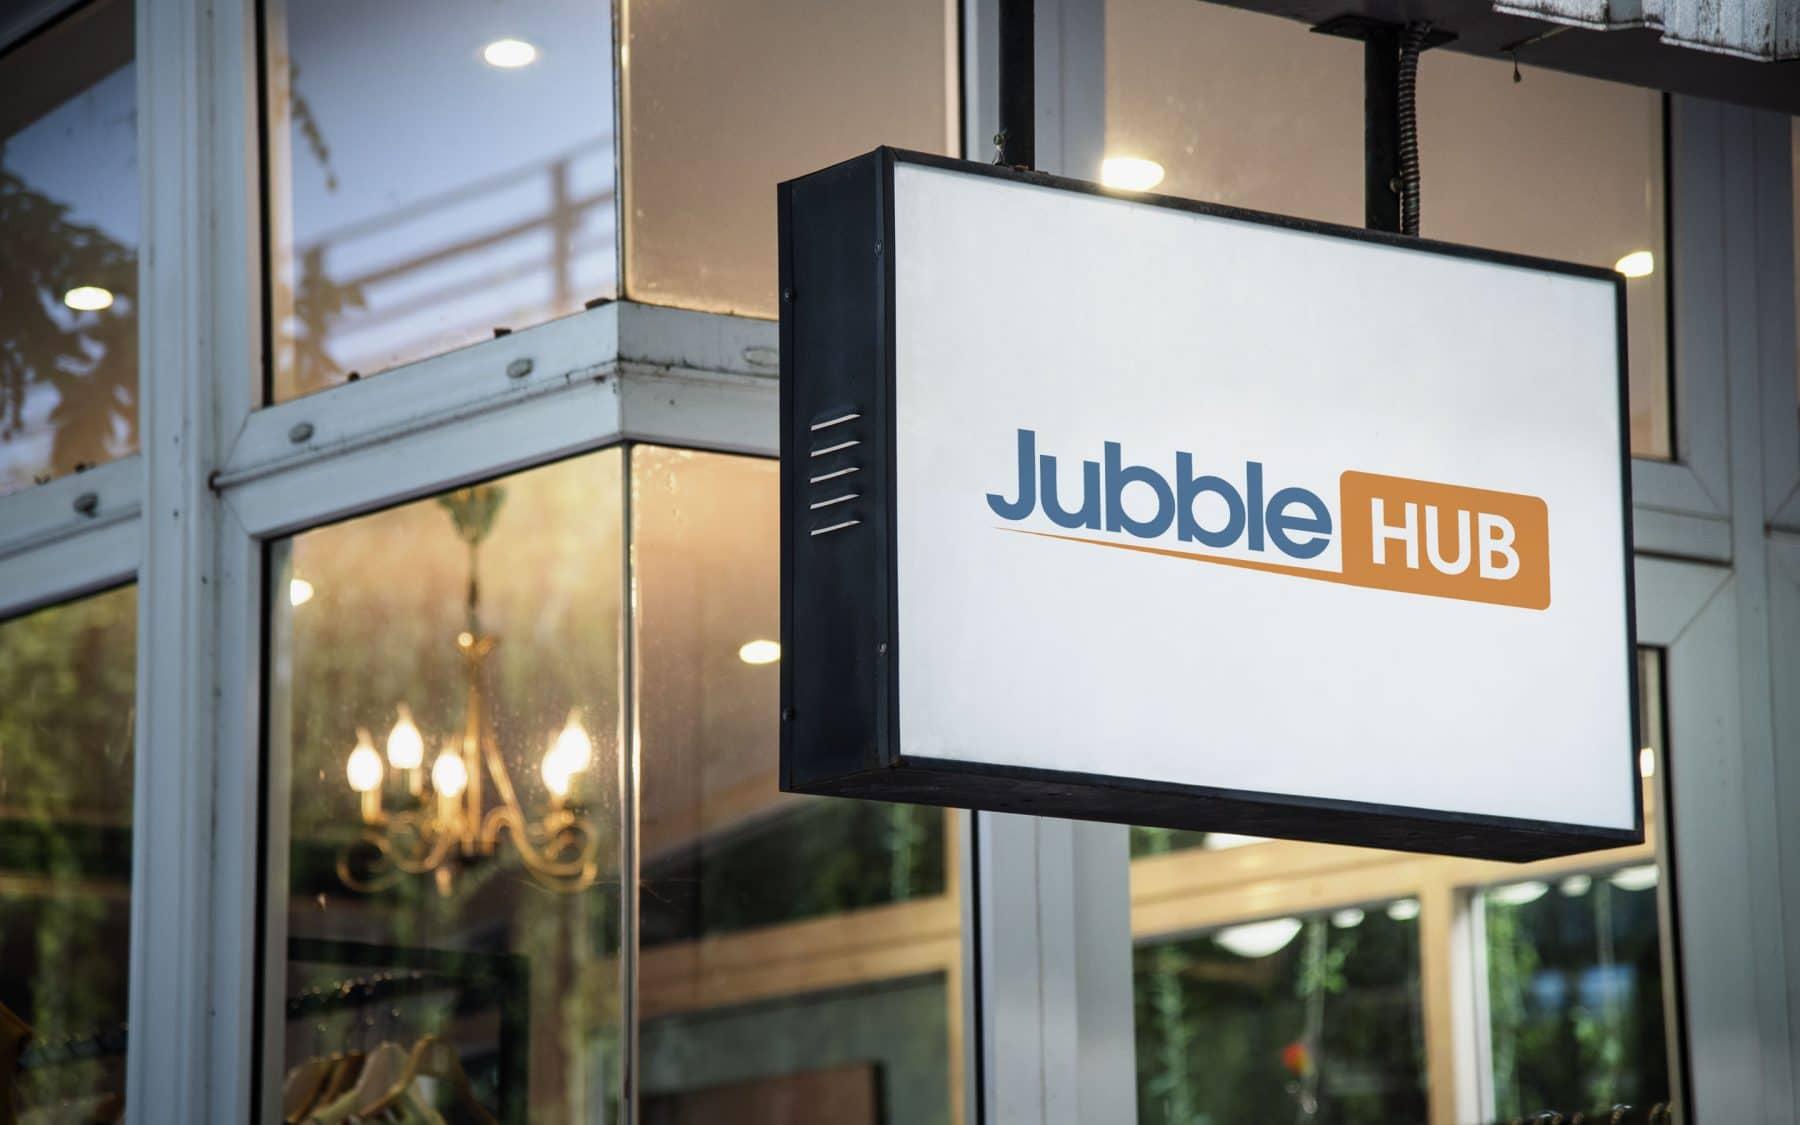 Jubblehub 3